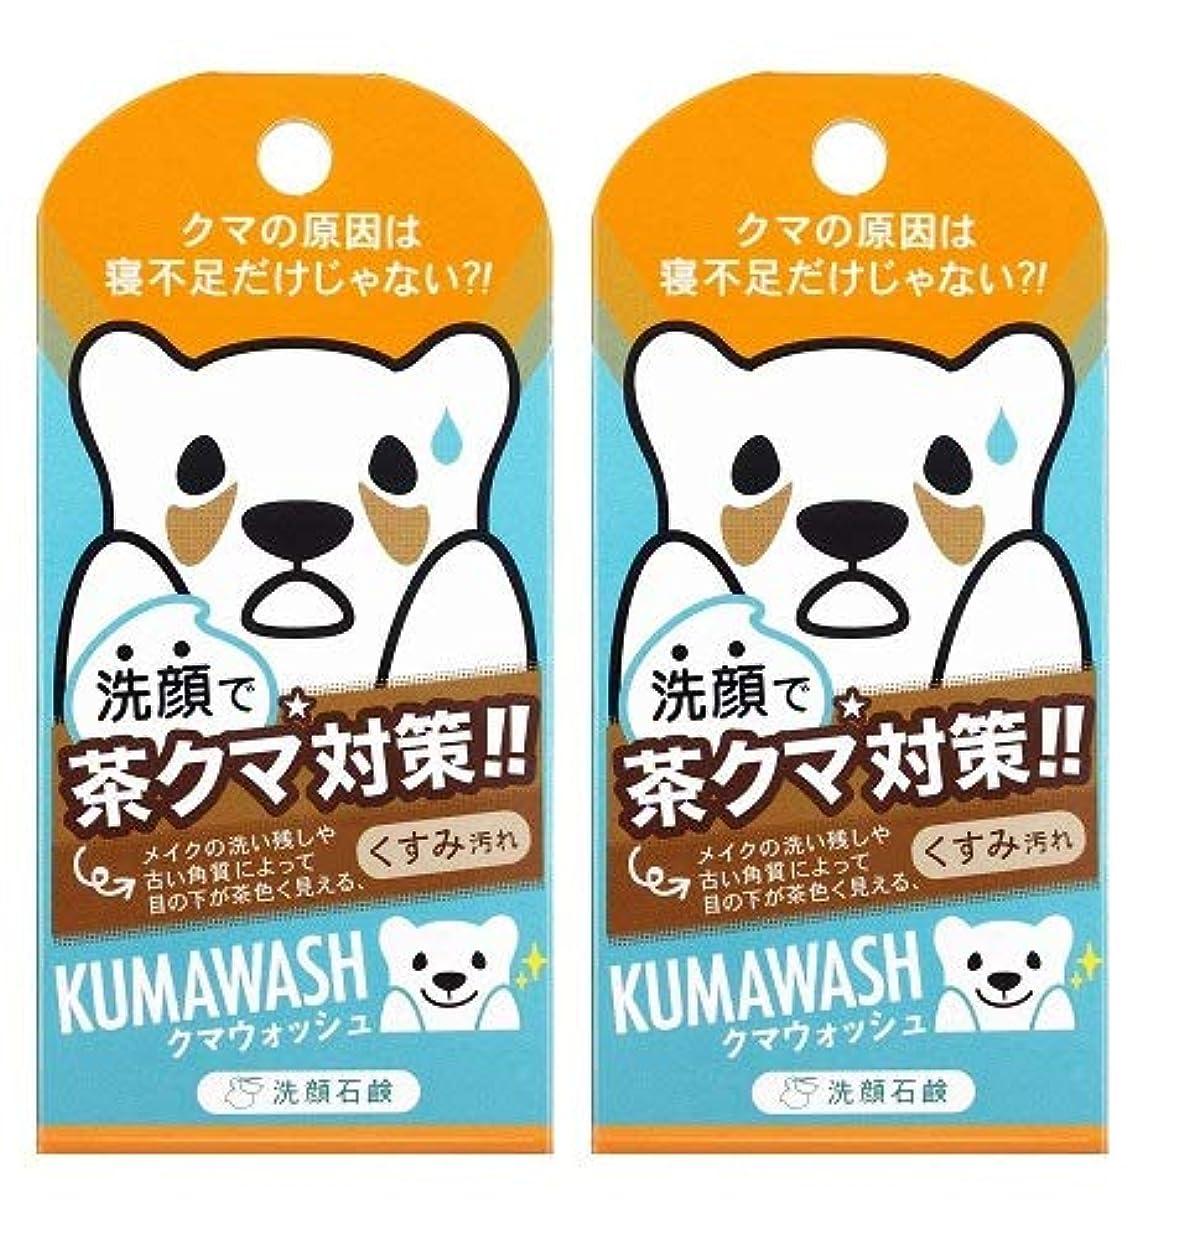 ビット知覚できる前兆【2個セット】ペリカン クマウォッシュ洗顔石鹸 75g 【2個セット】